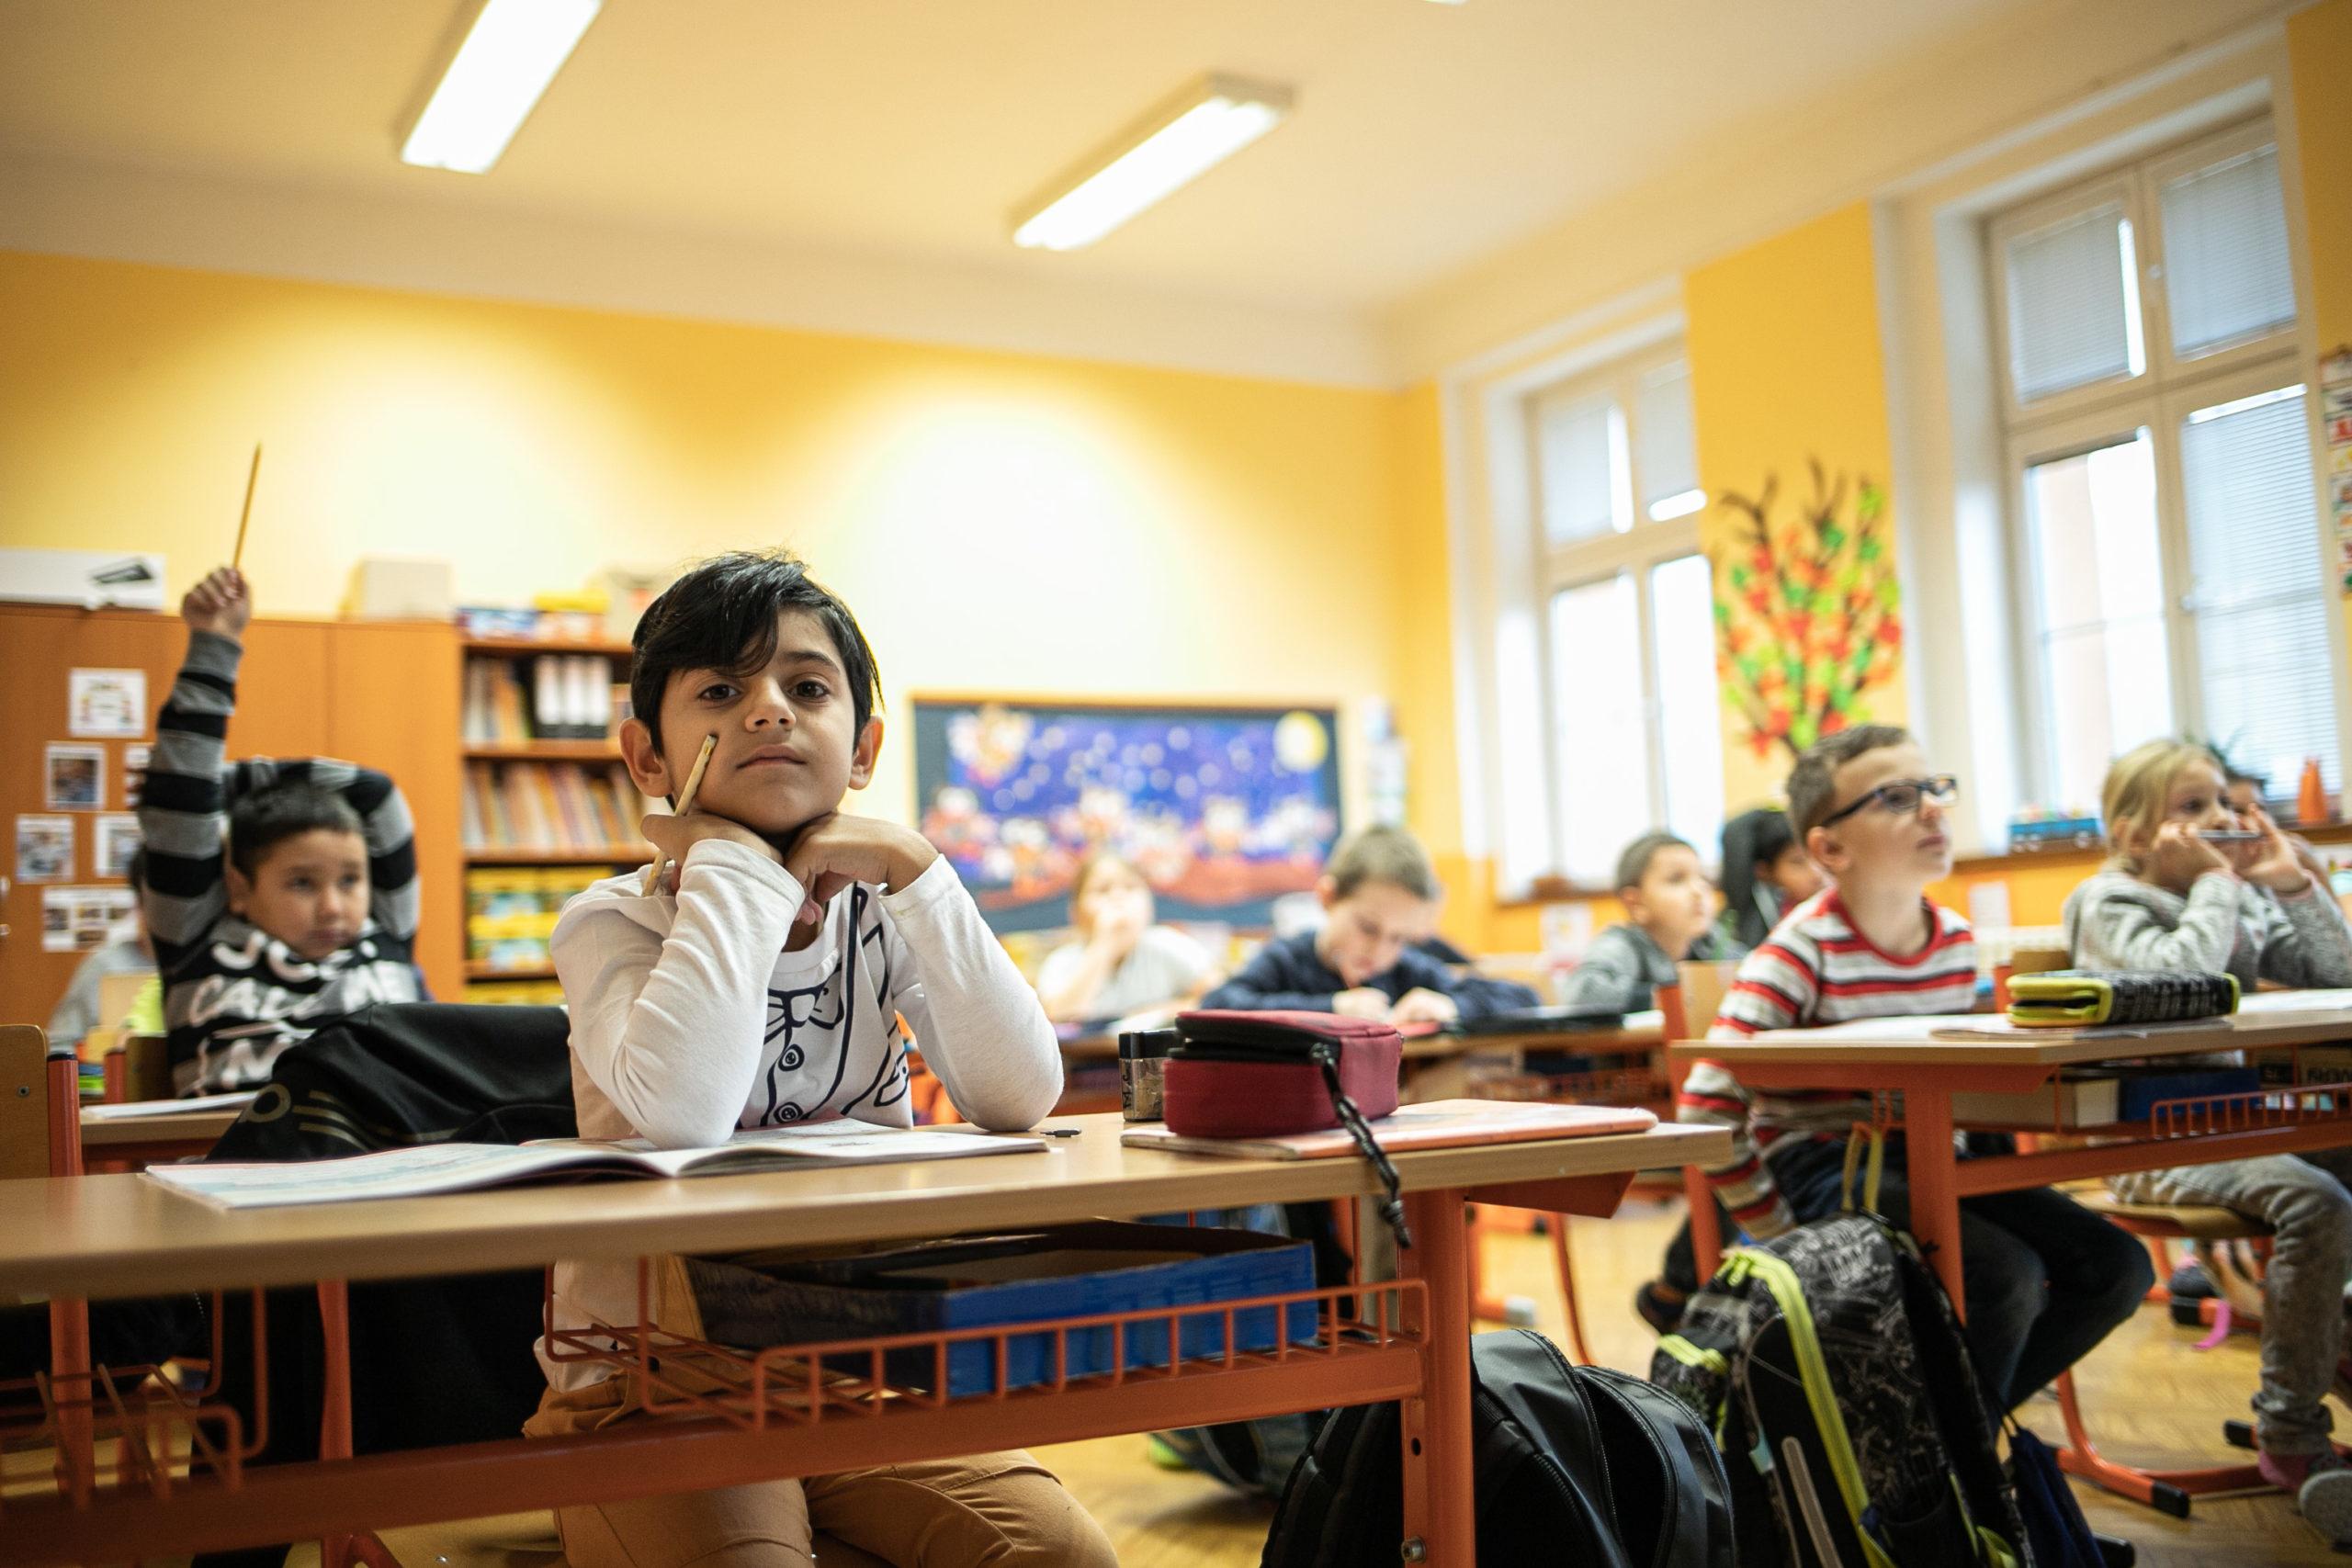 Škola v Trmicích má skvělou pověst a své děti do ní vozí rodiče z širokého okolí. Romských žáků je o něco víc než třetina, což odpovídá demografickému rozložení.